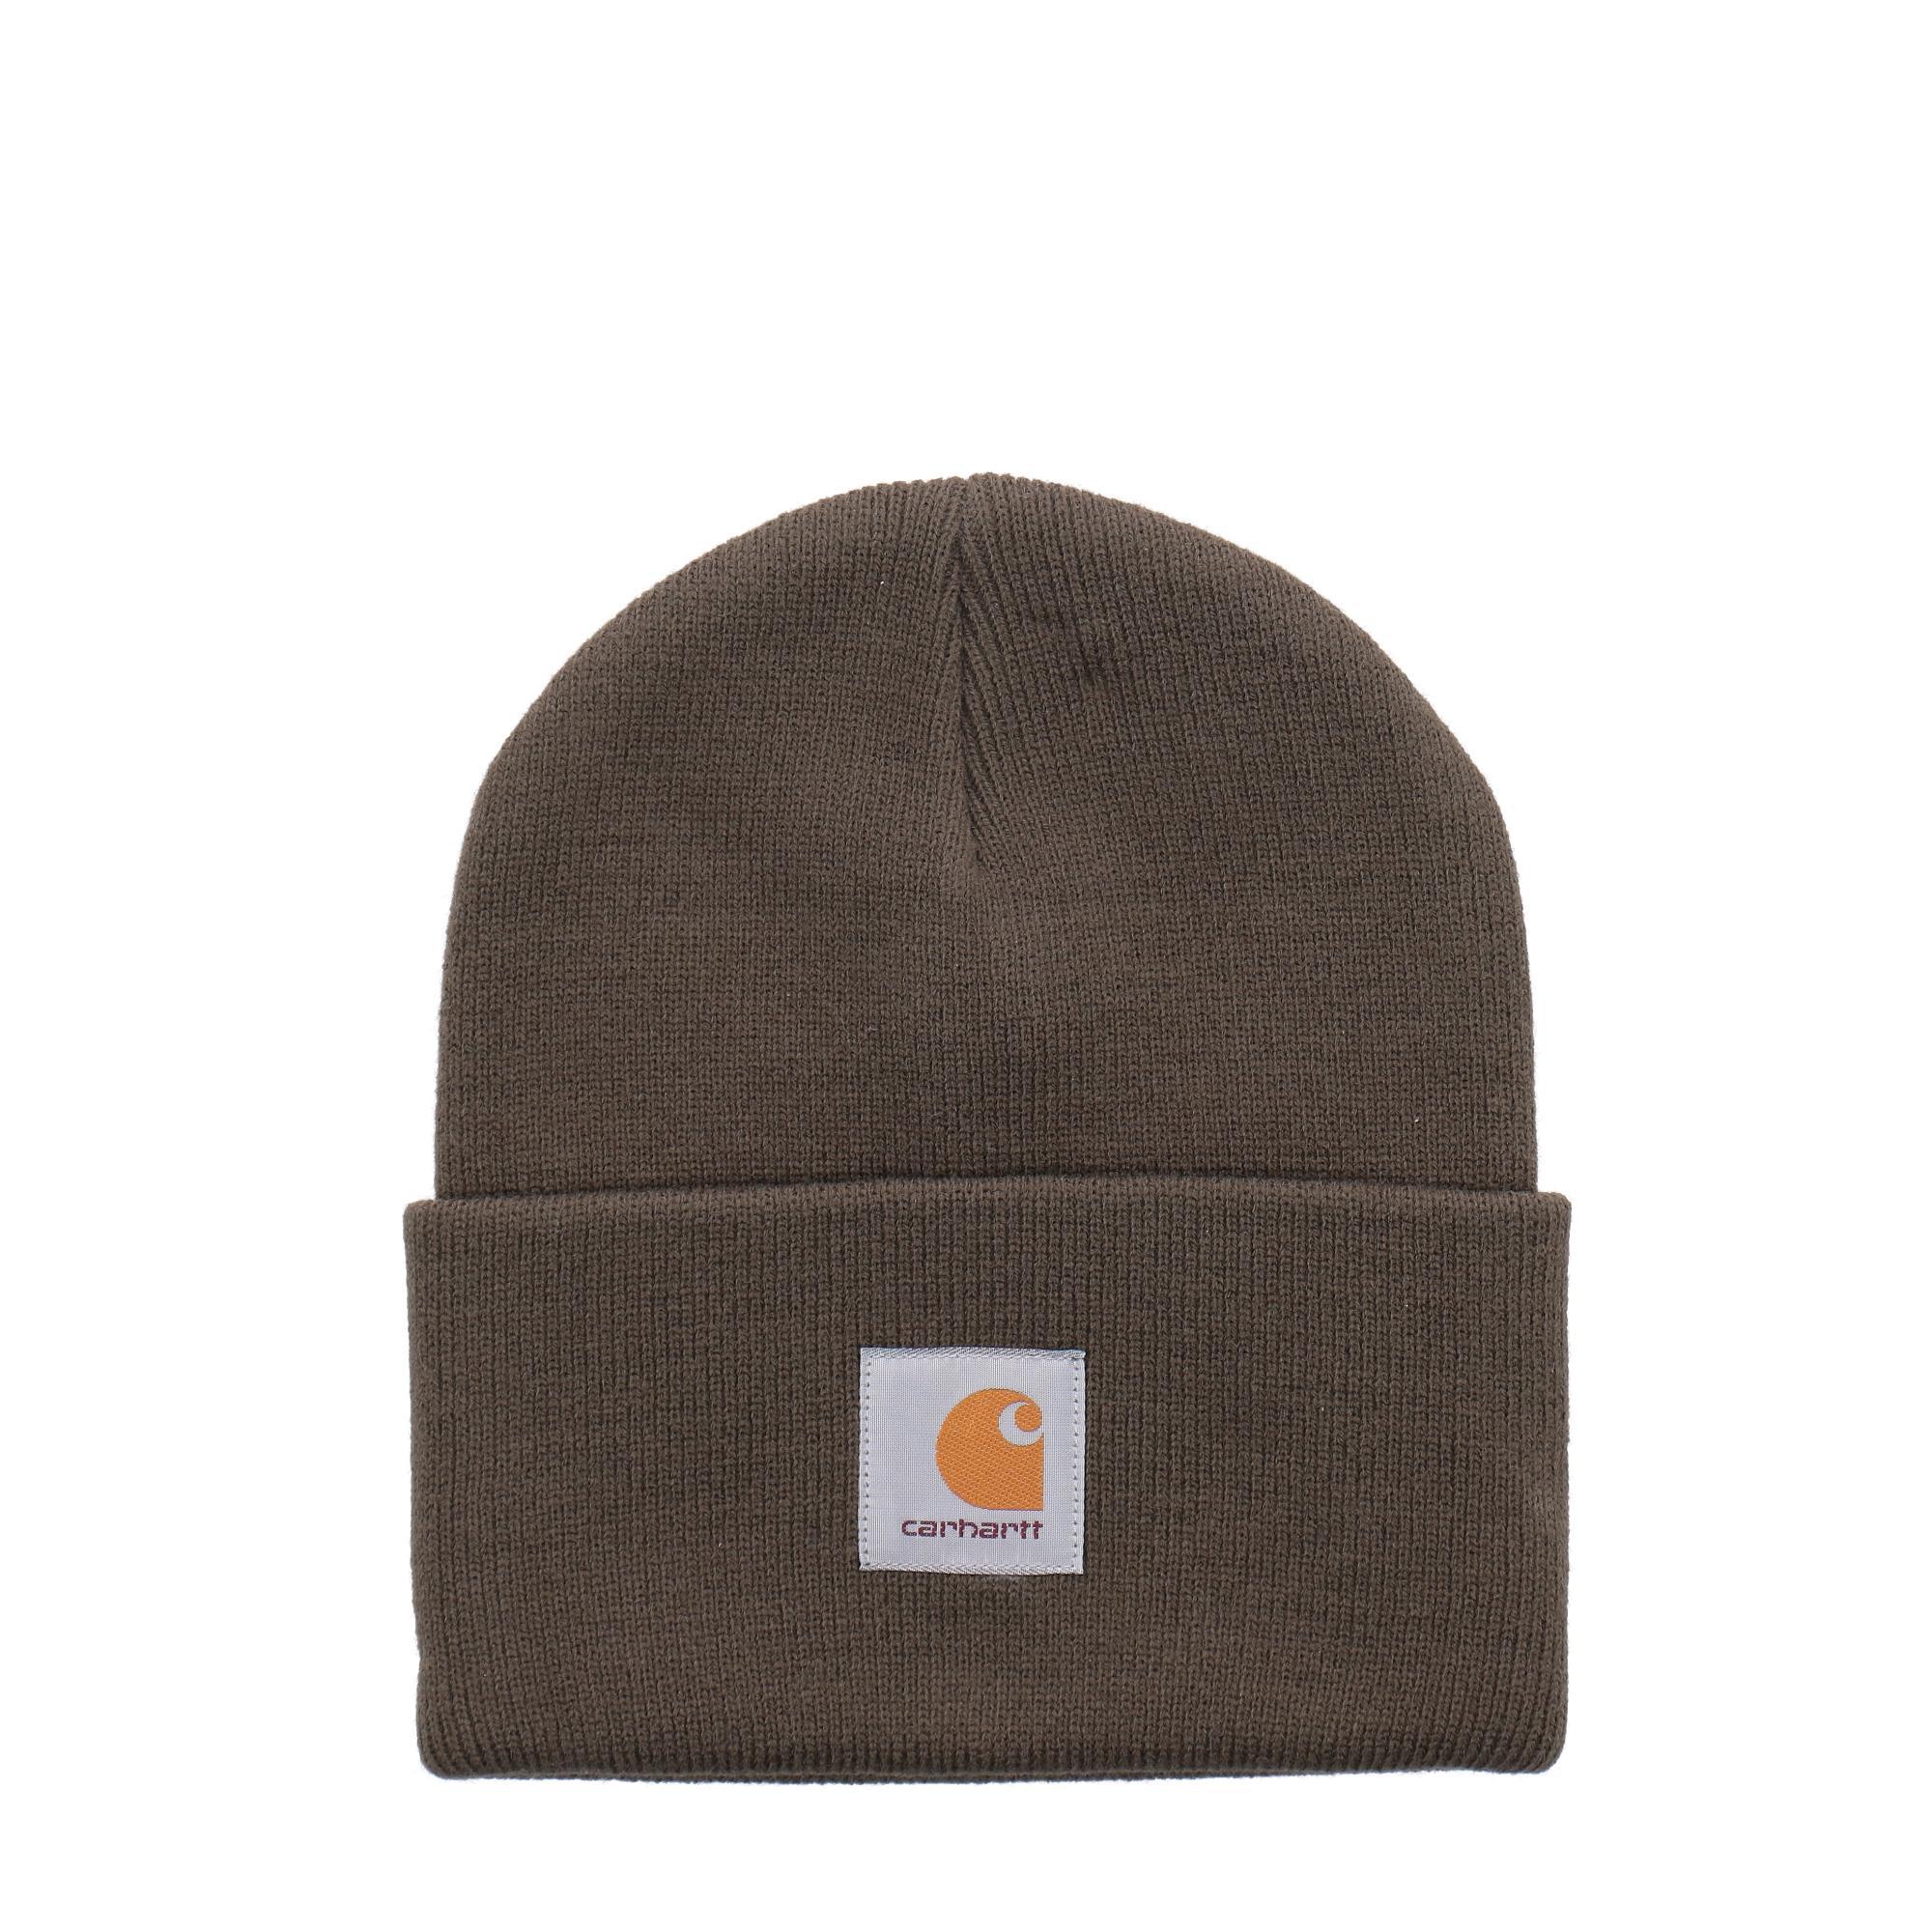 Carhartt Acrylic Watch Hat CYPRESS